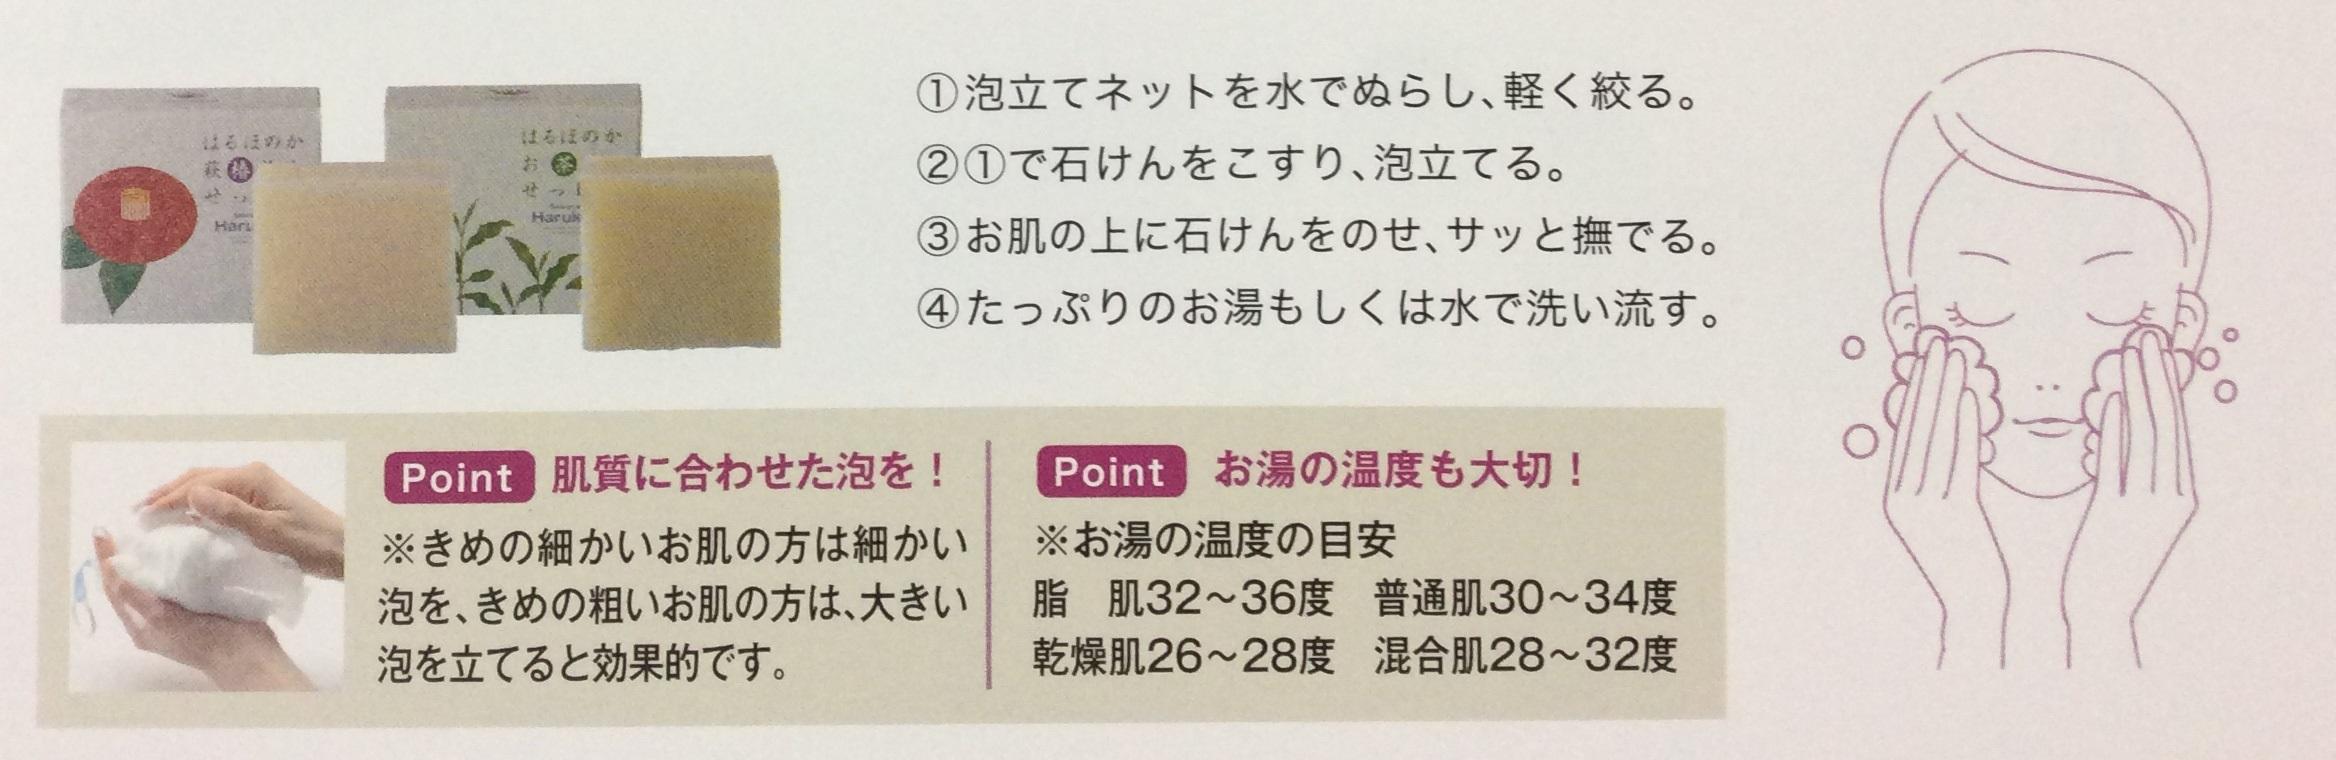 2892B4CA-E331-46D5-927F-F52BE1E967B8.jpeg